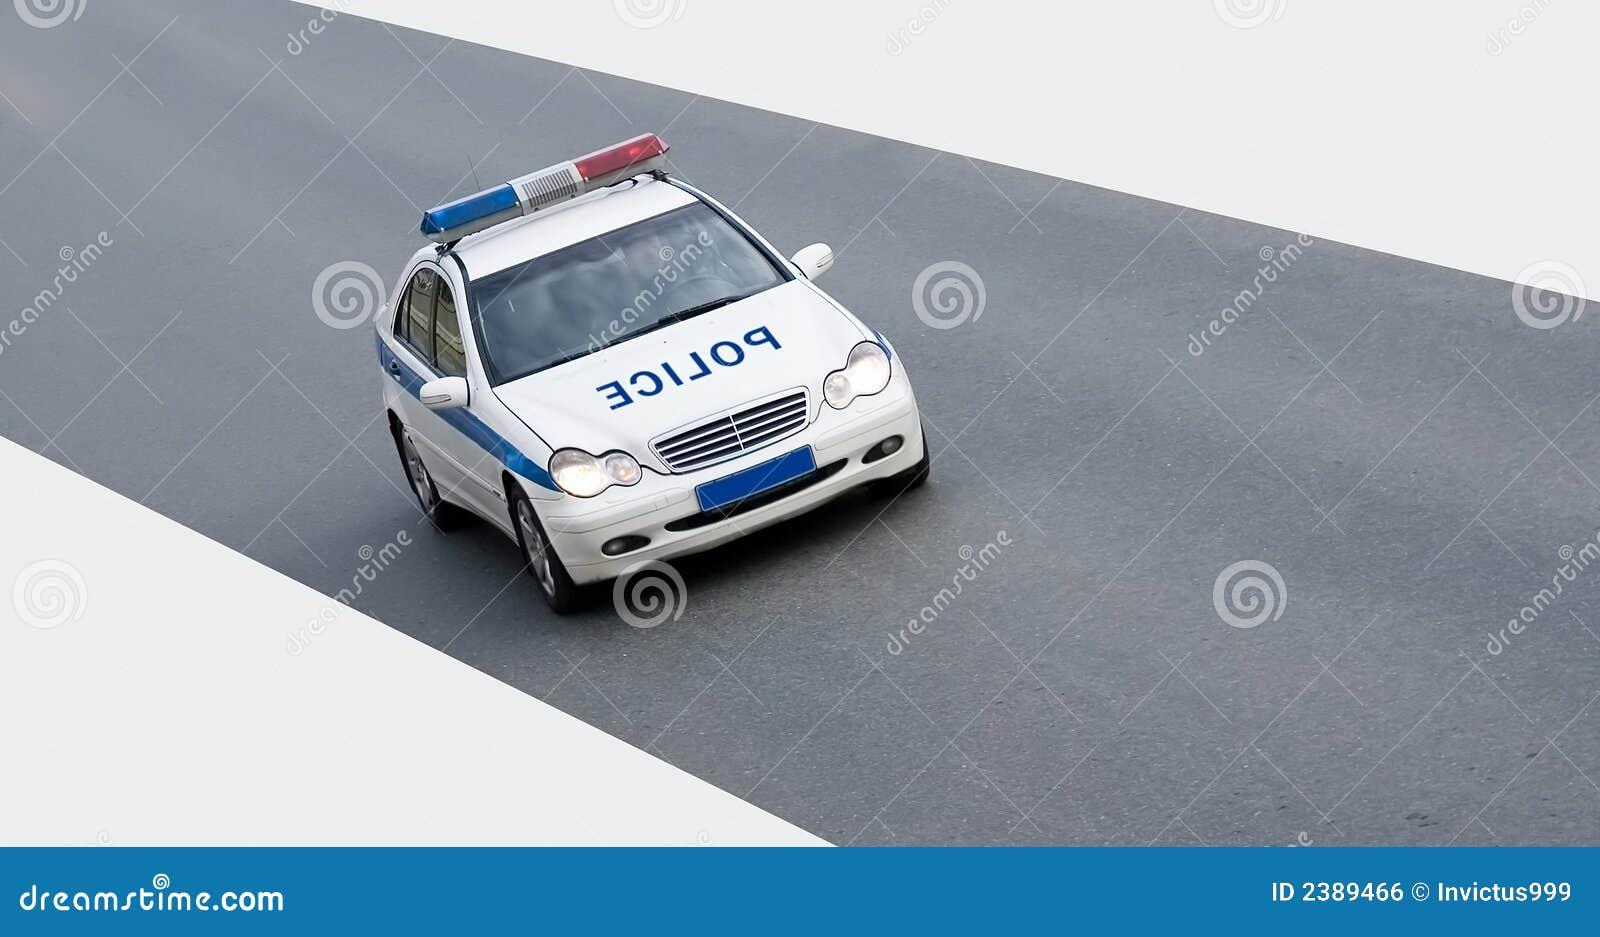 Carro de polícia isolado na estrada